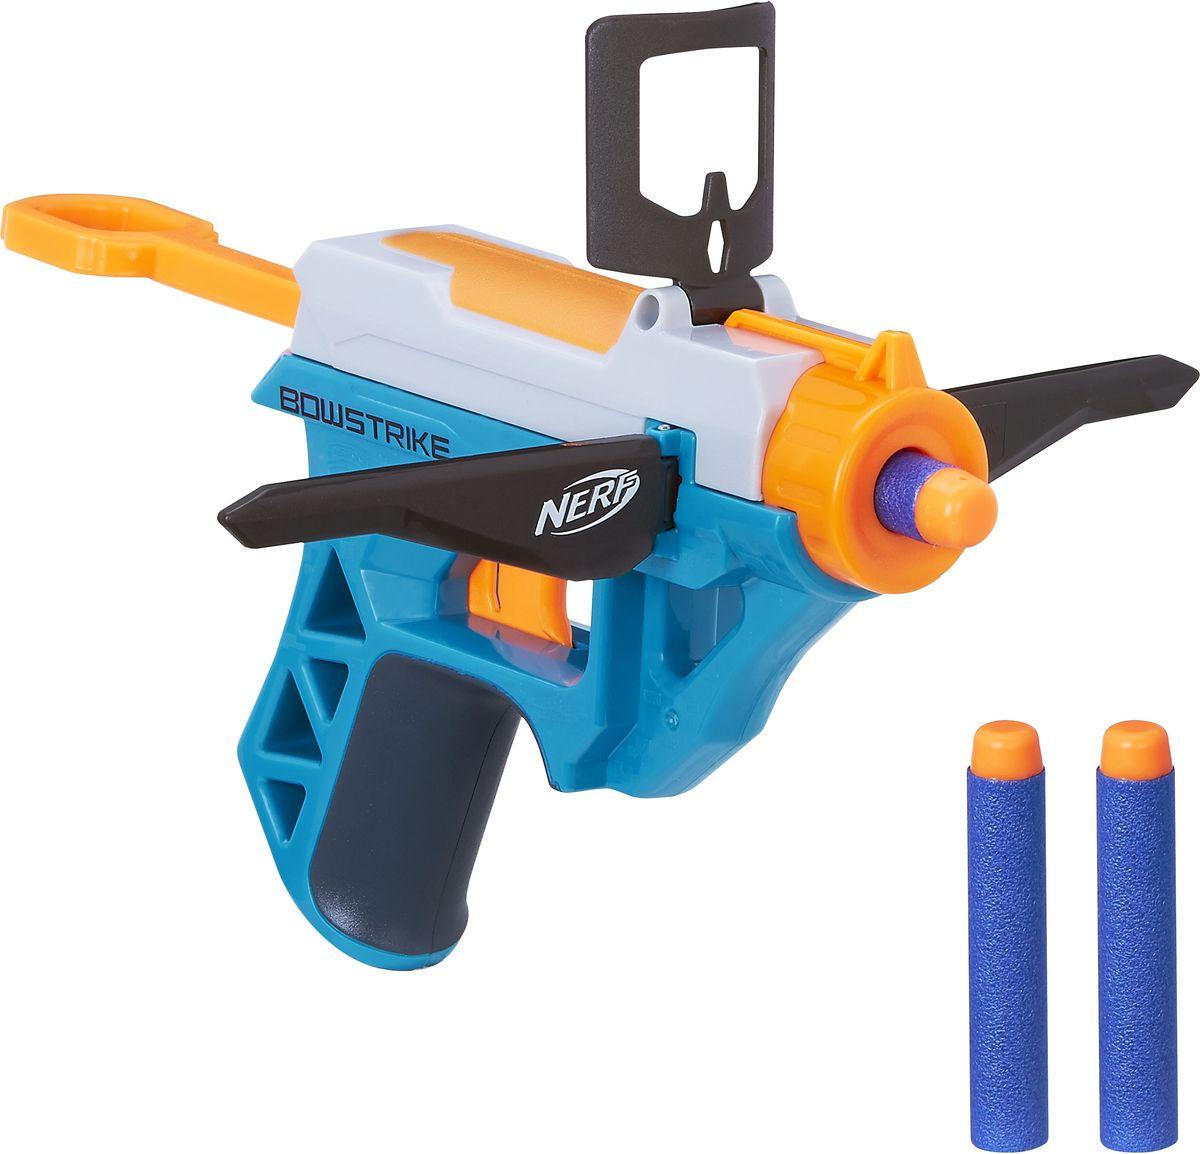 Nerf Бластер BowstrikeB4614EU4Бластер Nerf Bowstrike позволит вашему ребенку почувствовать себя во всеоружии! Бластер выполнен из безопасного пластика ярких цветов. Он обладает высокой мощностью и дальностью выстрела. Комплект включает в себя три патрона, выполненных из гибкого материала. Игра с таким бластером поможет ребенку в развитии меткости, ловкости, координации движений и сноровки.